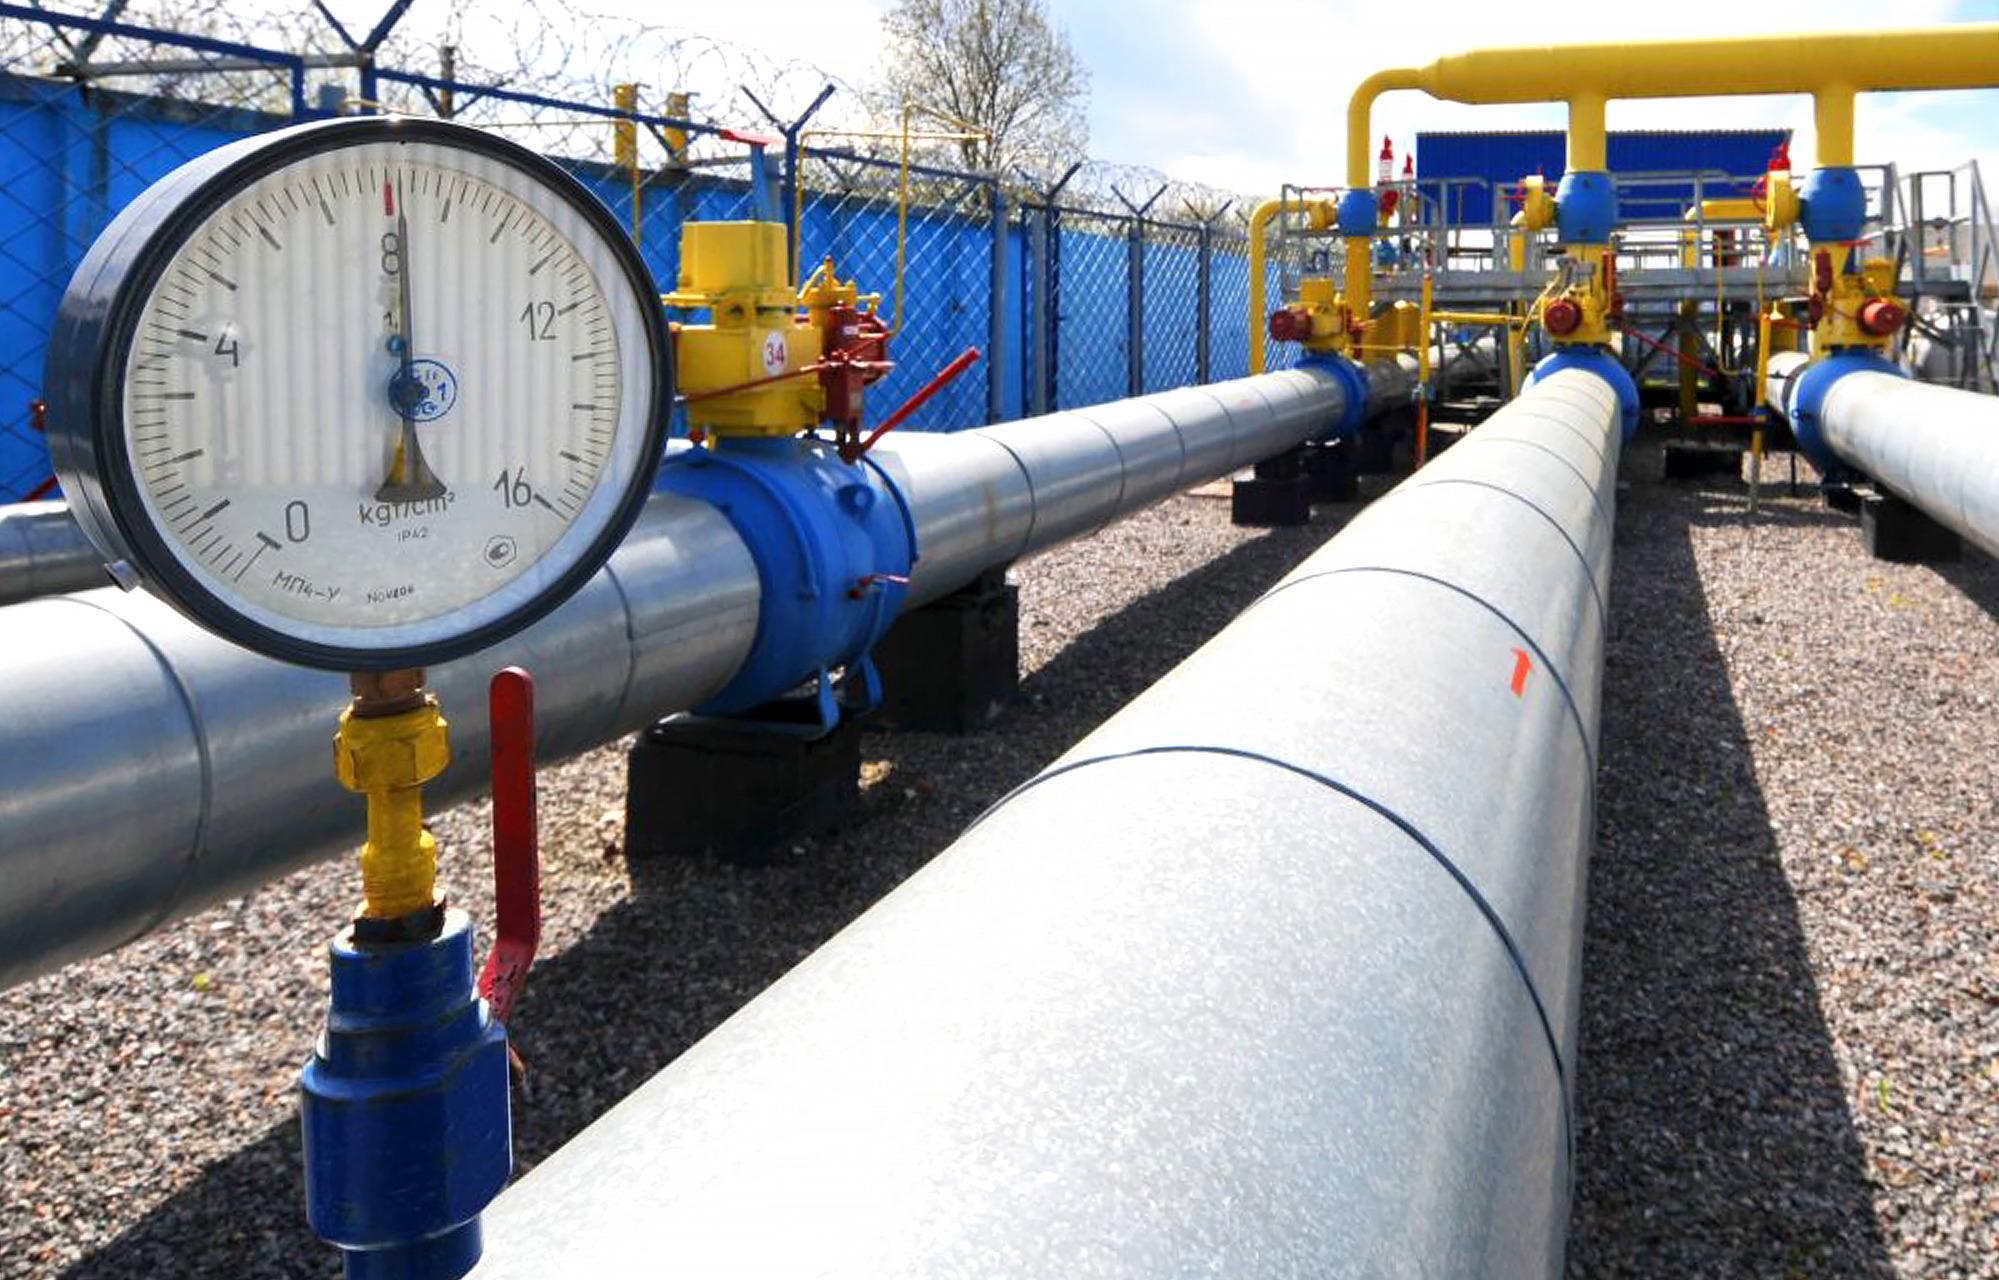 В Тверской области идет строительство газовых сетей в ранее негазифицированных районах  - новости Афанасий